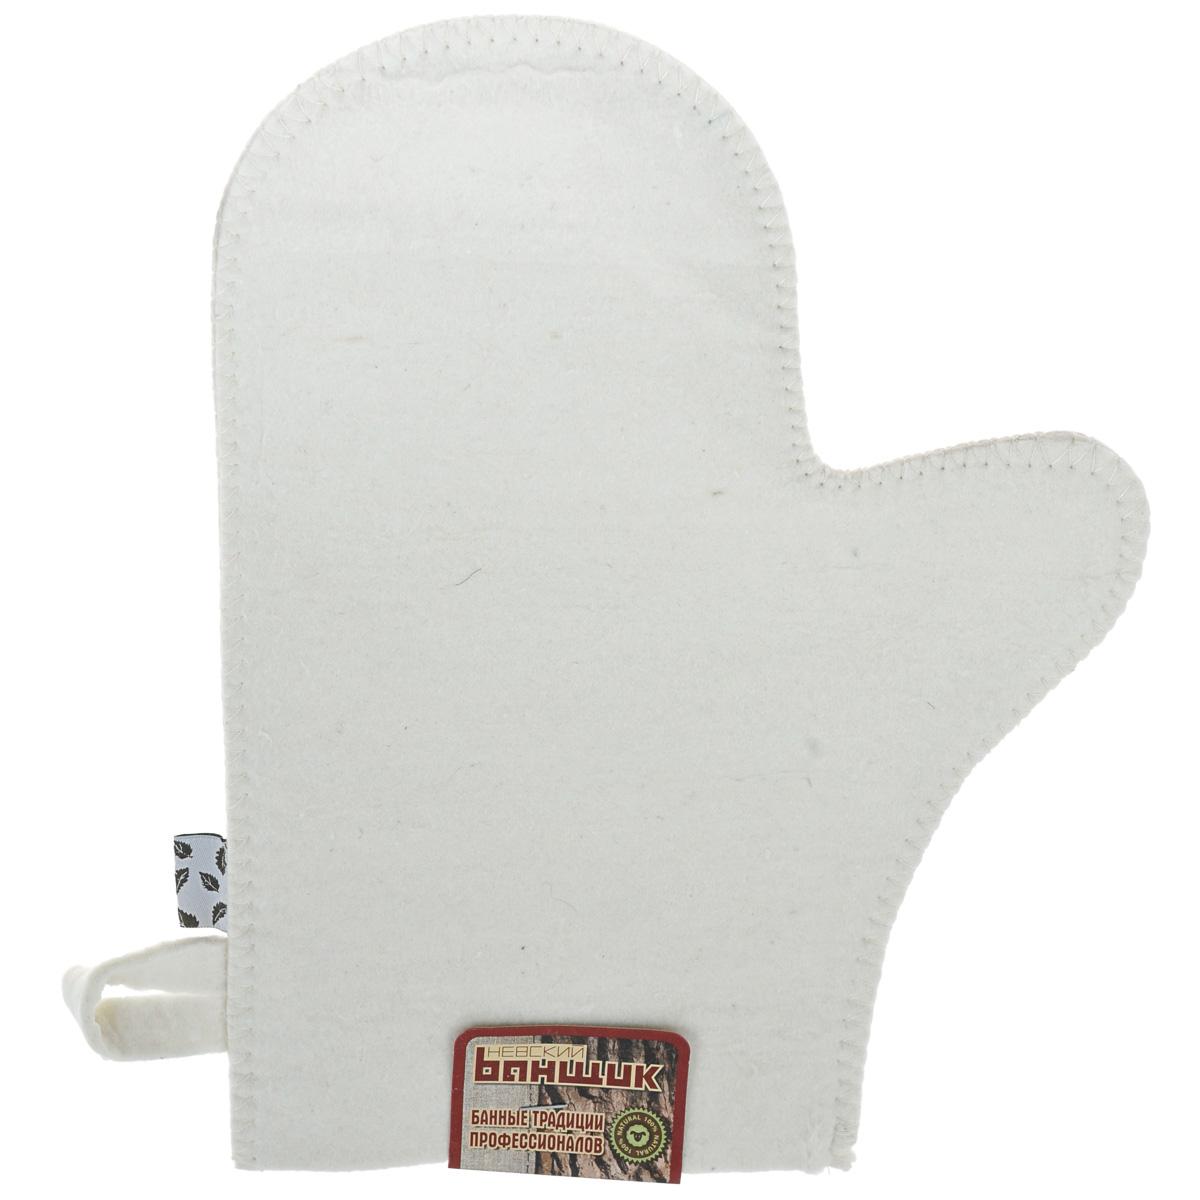 Рукавица для бани и сауны Невский банщик Классика, цвет: белыйБ4502Рукавица Невский банщик Классика, изготовленная из фетра (шерсть), - незаменимый банный атрибут. Однотонная рукавица оснащена петелькой для подвешивания на крючок. Такая рукавица защищает руки от горячего пара, делает комфортным пребывание в парной. Также ею можно прекрасно промассировать тело.Размер: 29 см х 22,5 см.